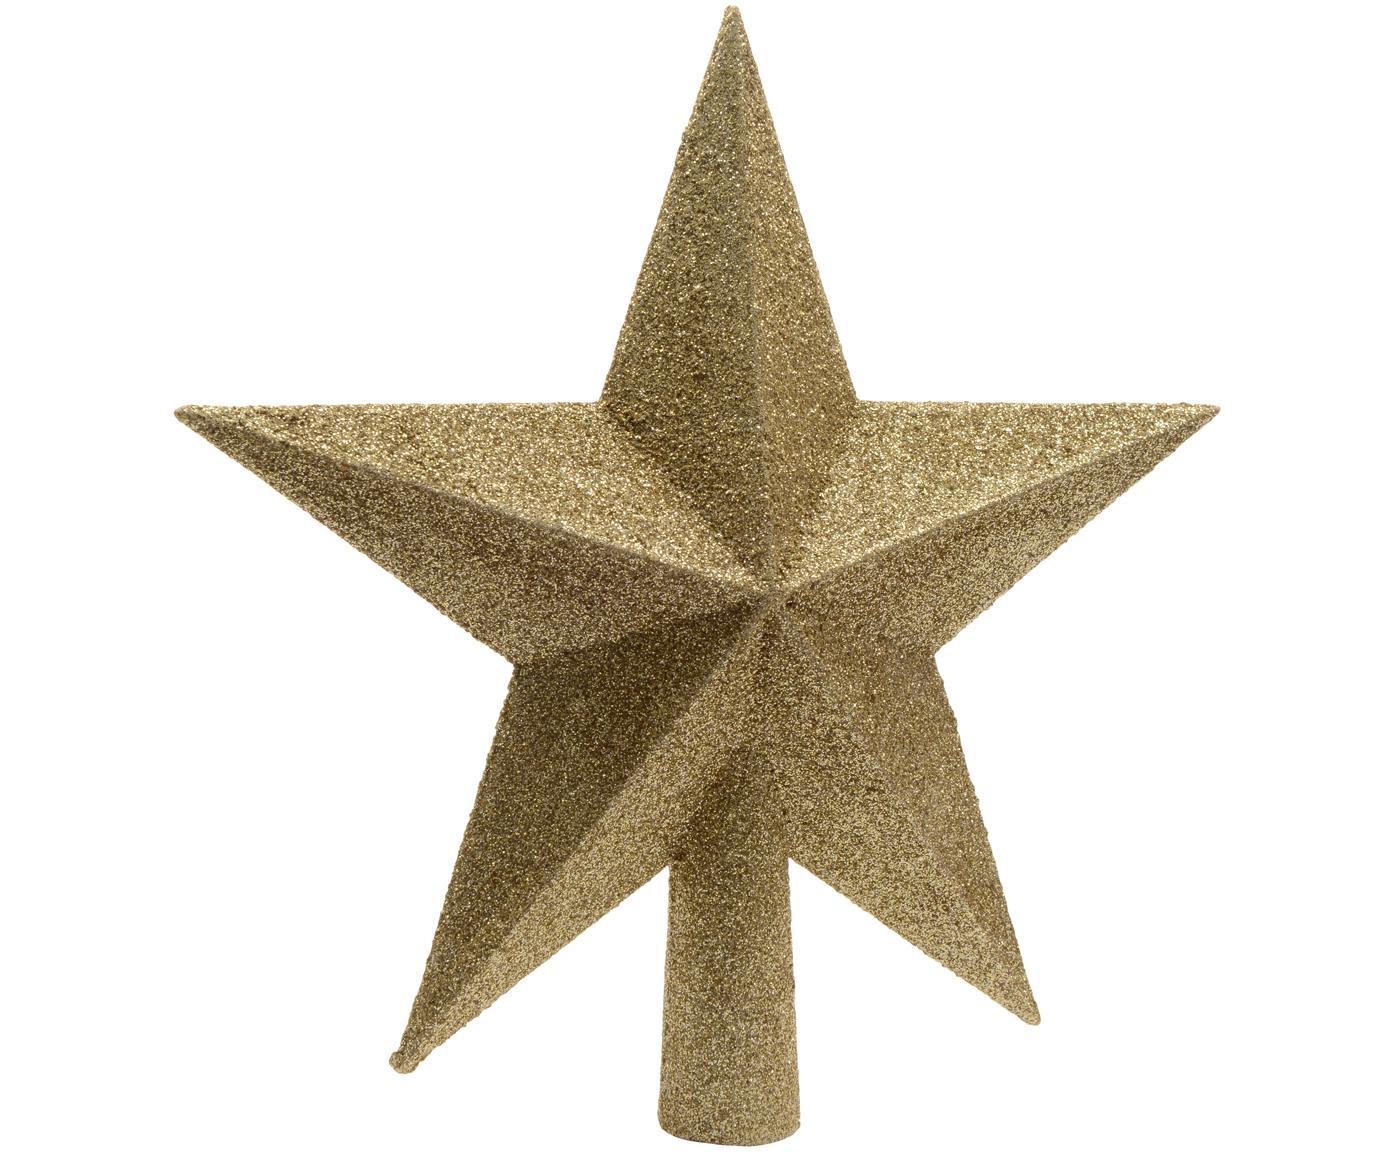 Puntale per albero di Natale Morning Star, Materiale sintetico, Dorato, Ø 19 cm